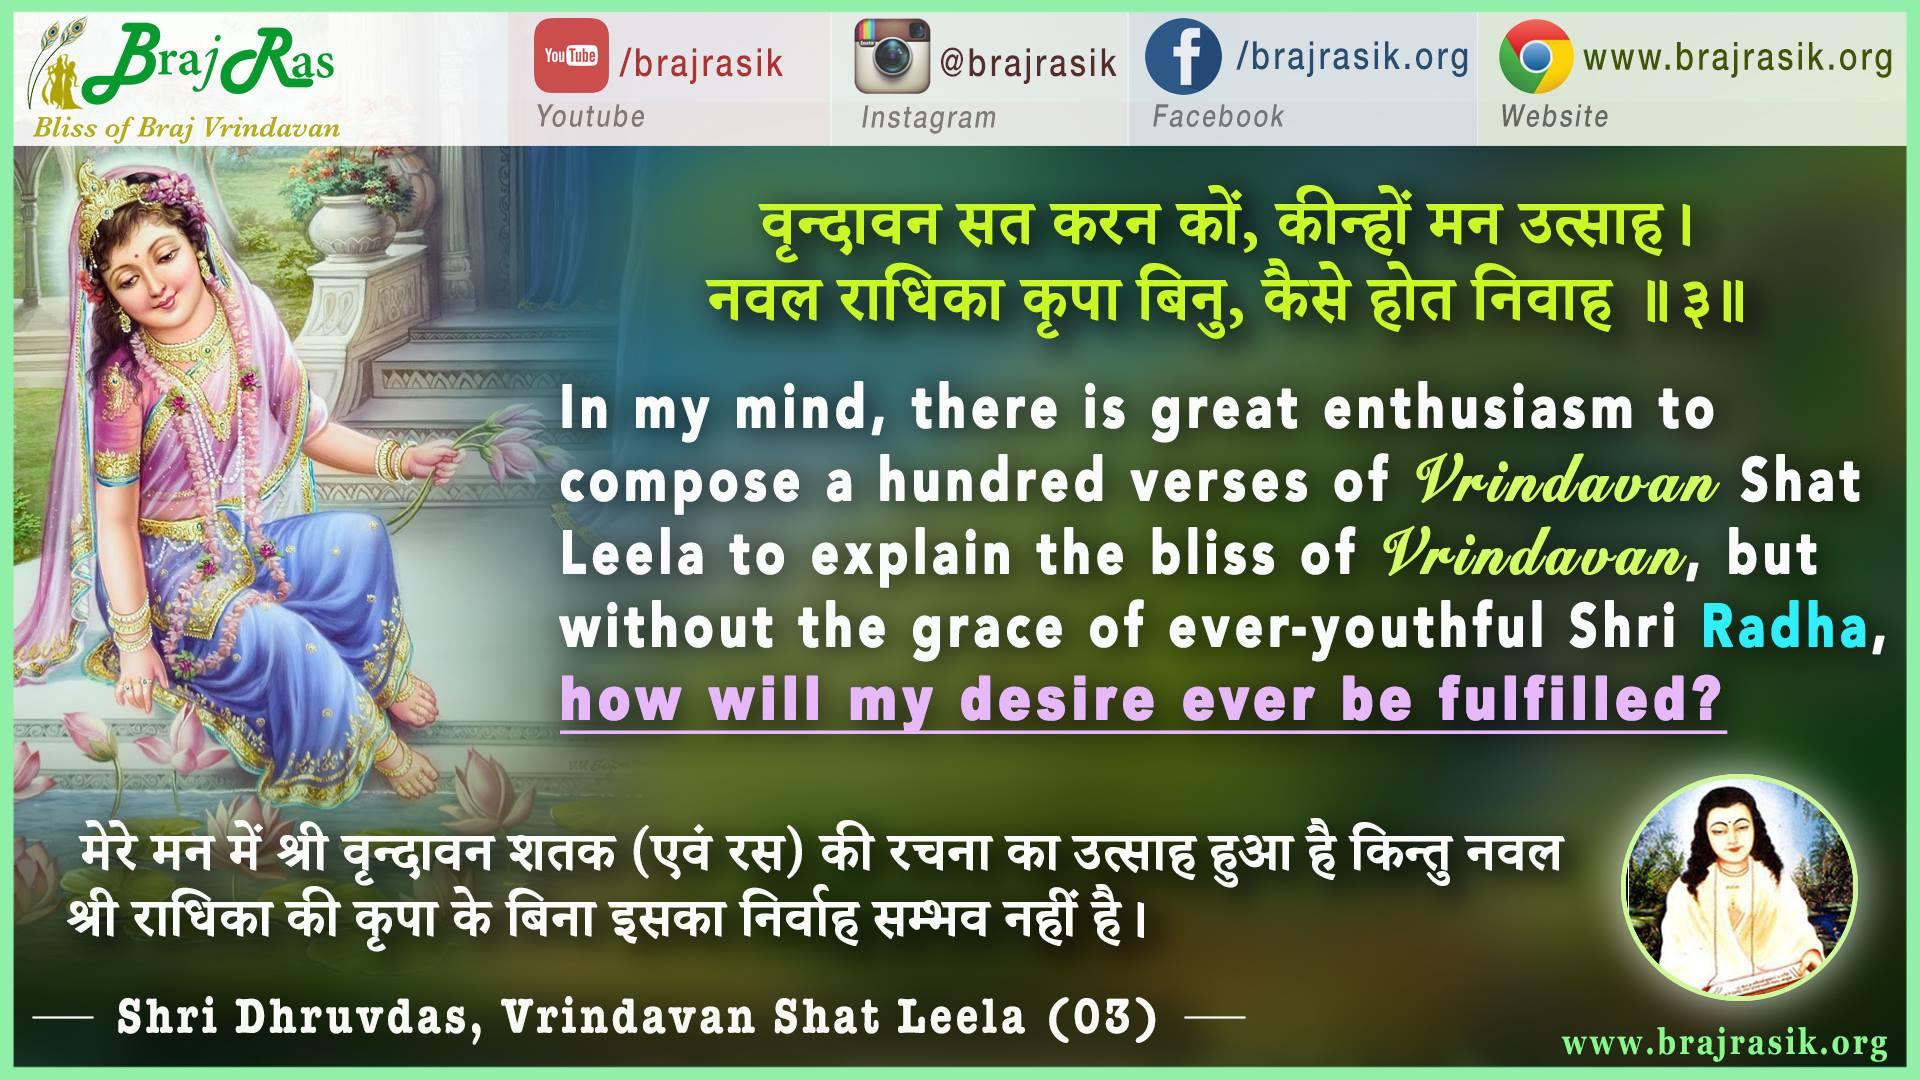 Vrindavan Sat Karan Kon, Kinho Mana Utsaah - Shri Dhruvdas, Vrindavan Shat Leela (03)